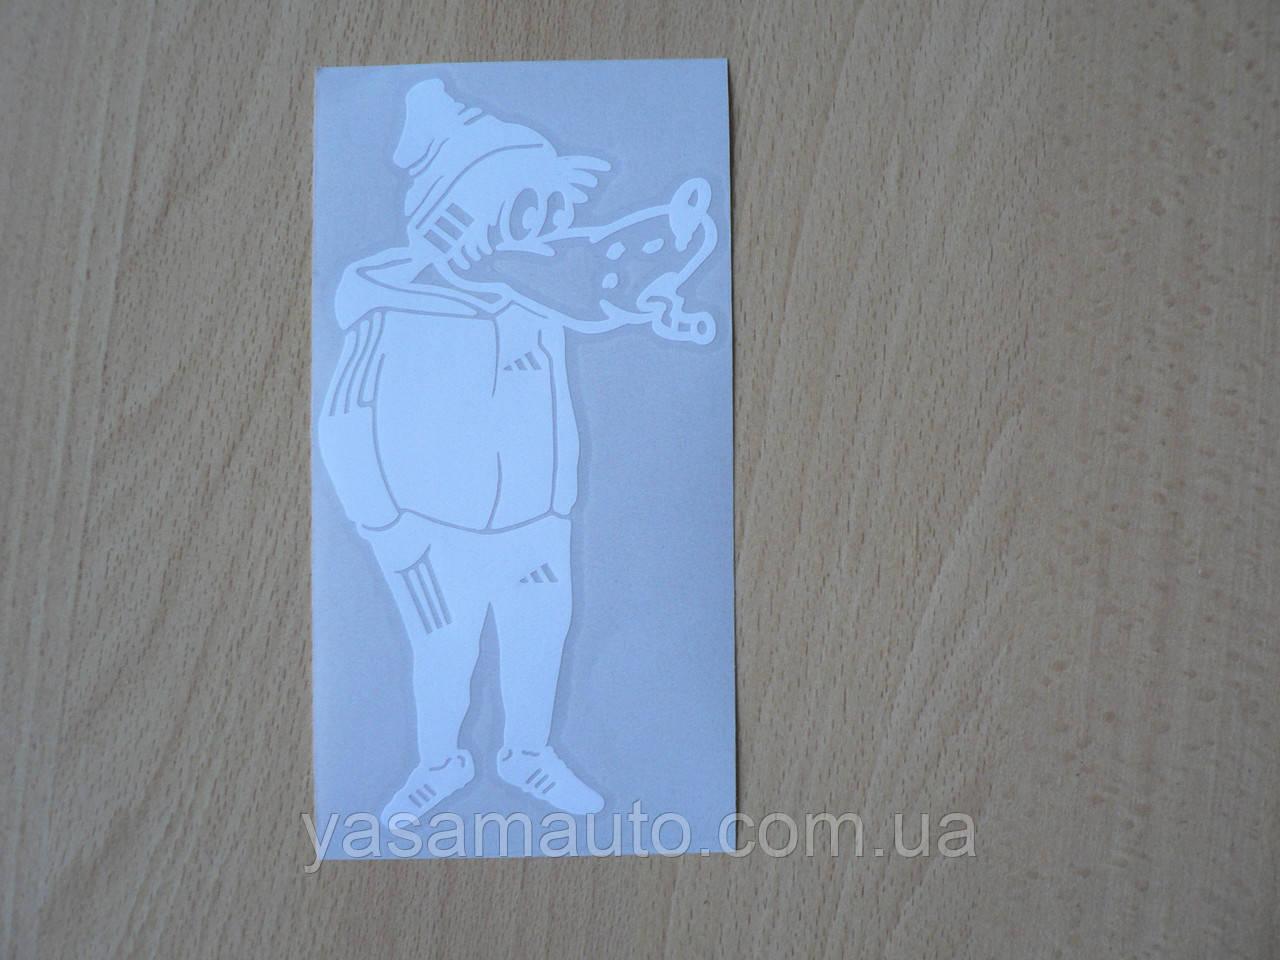 Наклейка vc Волк хулиган Ну погоди №3 белая 90х170мм спортивный костюм сигарета виниловая контурная на авто